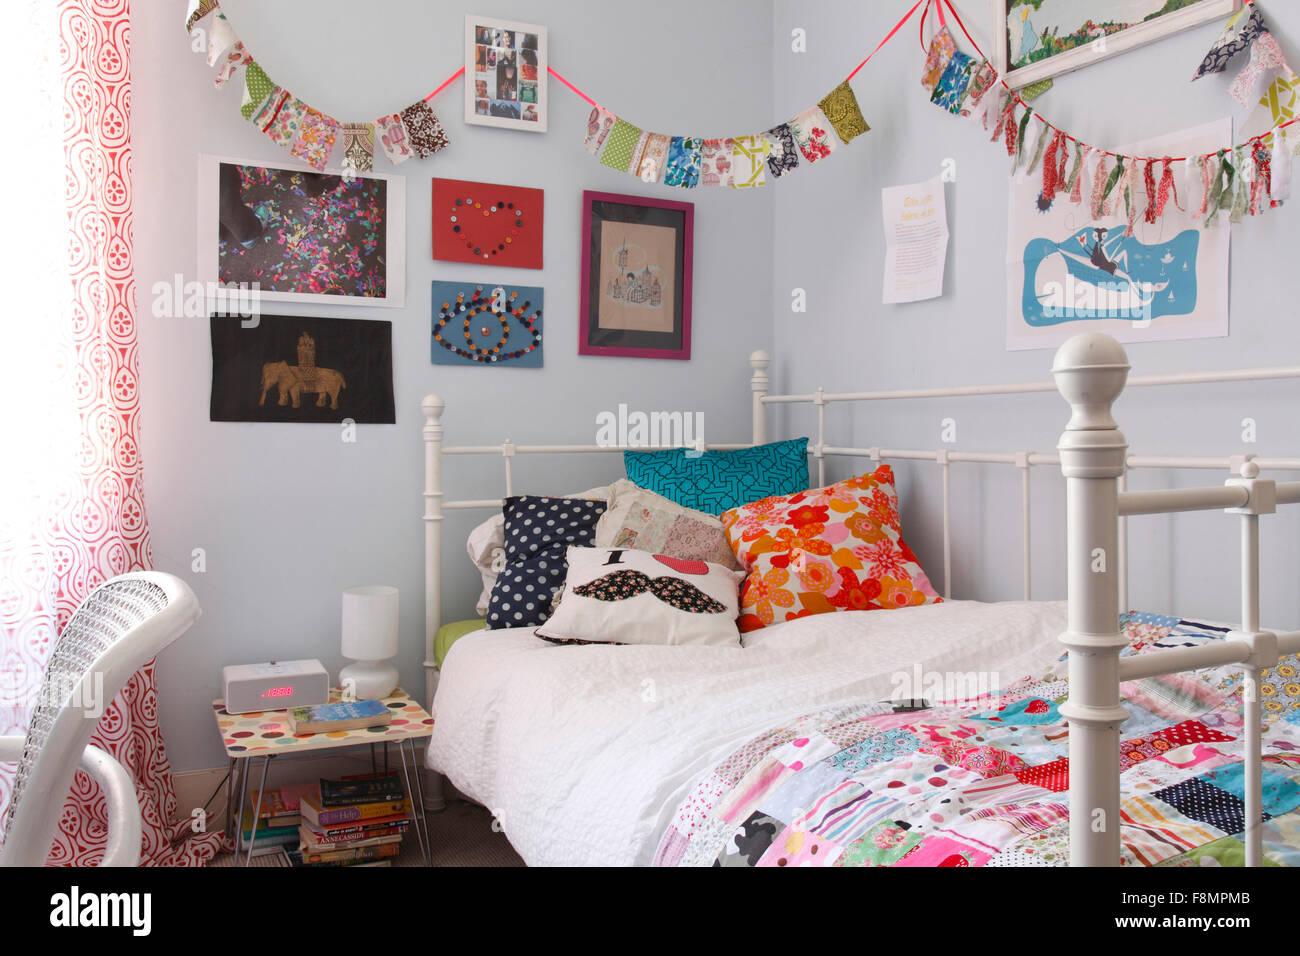 kleines mädchen schlafzimmer mit patchwork quilt und bunting